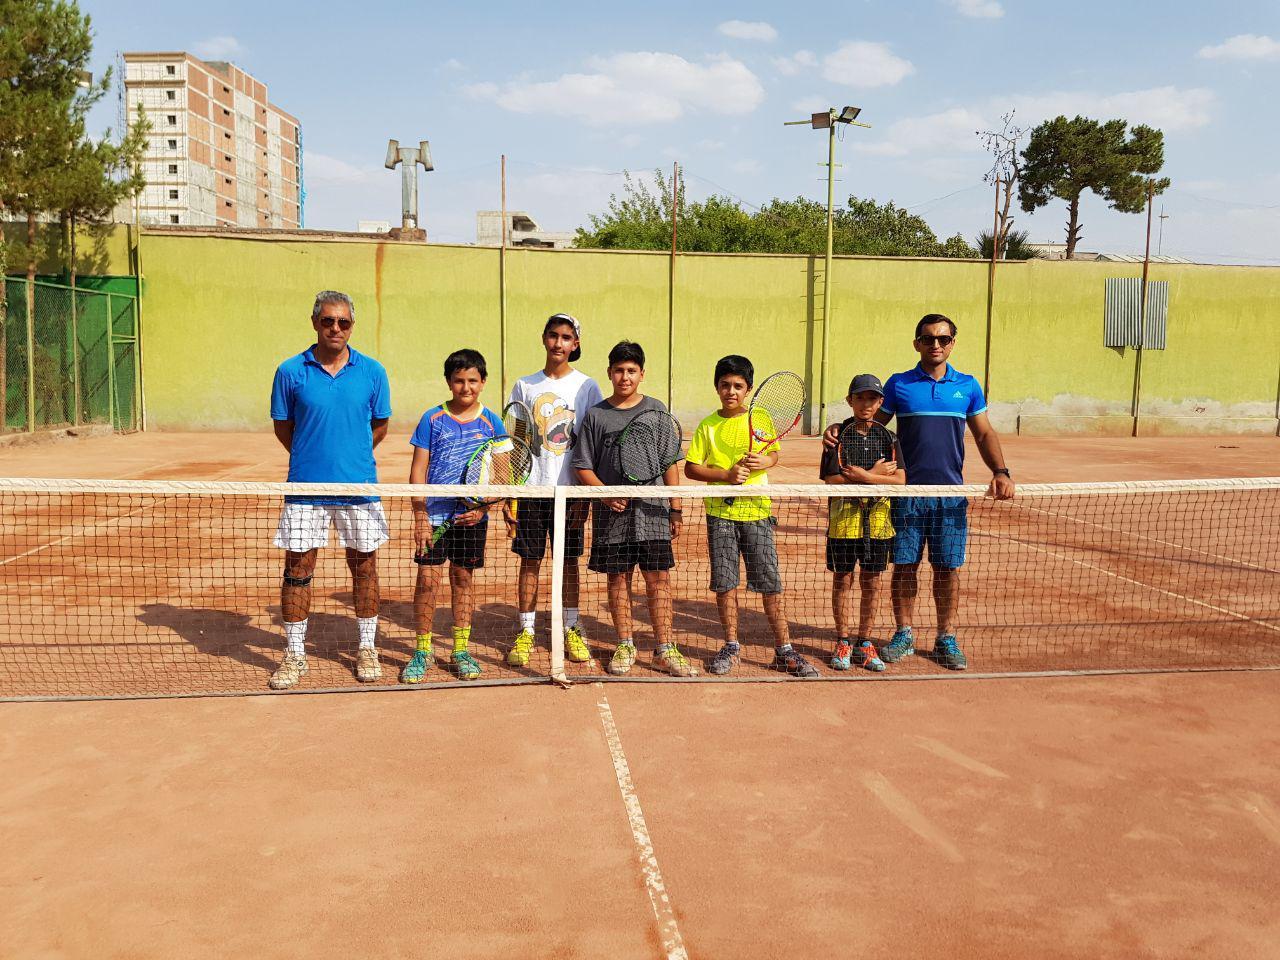 حضور 8 تنیسور در اردوی آماده سازی تیم تنیس کرمان